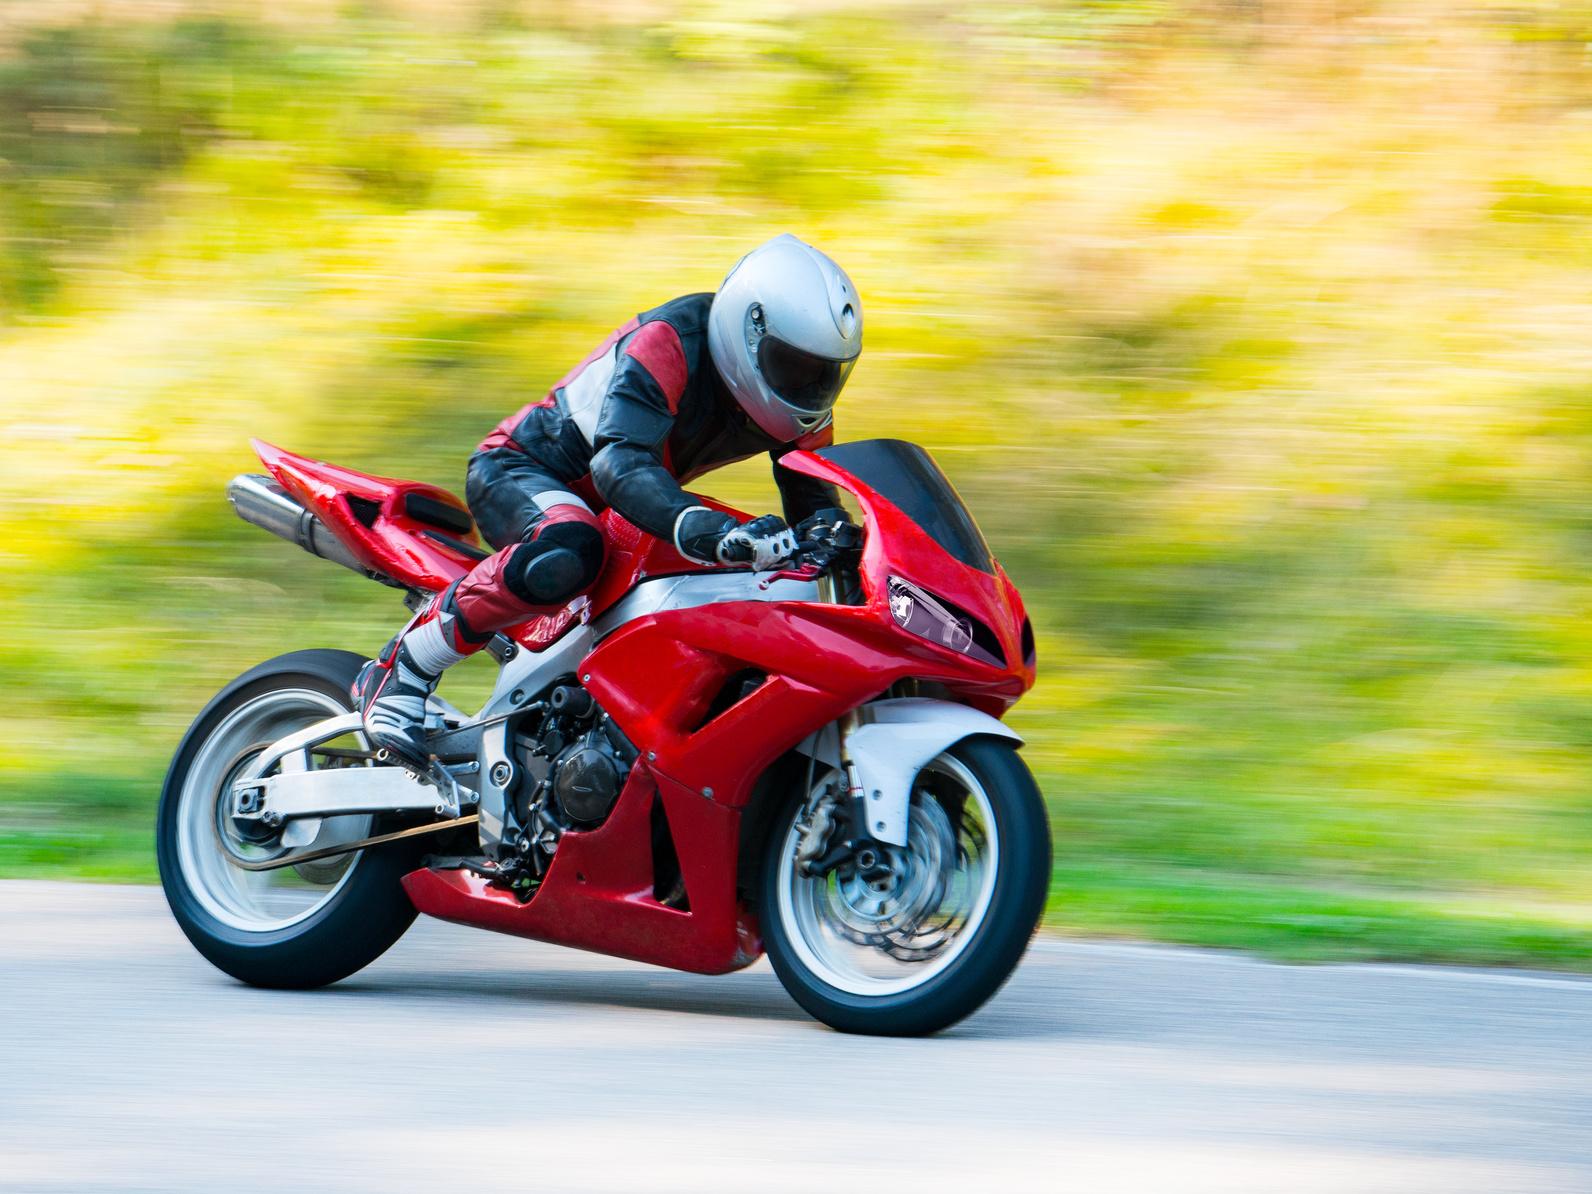 Reiten Sie ein Fahrrad mit Stil mit dem FC Moto